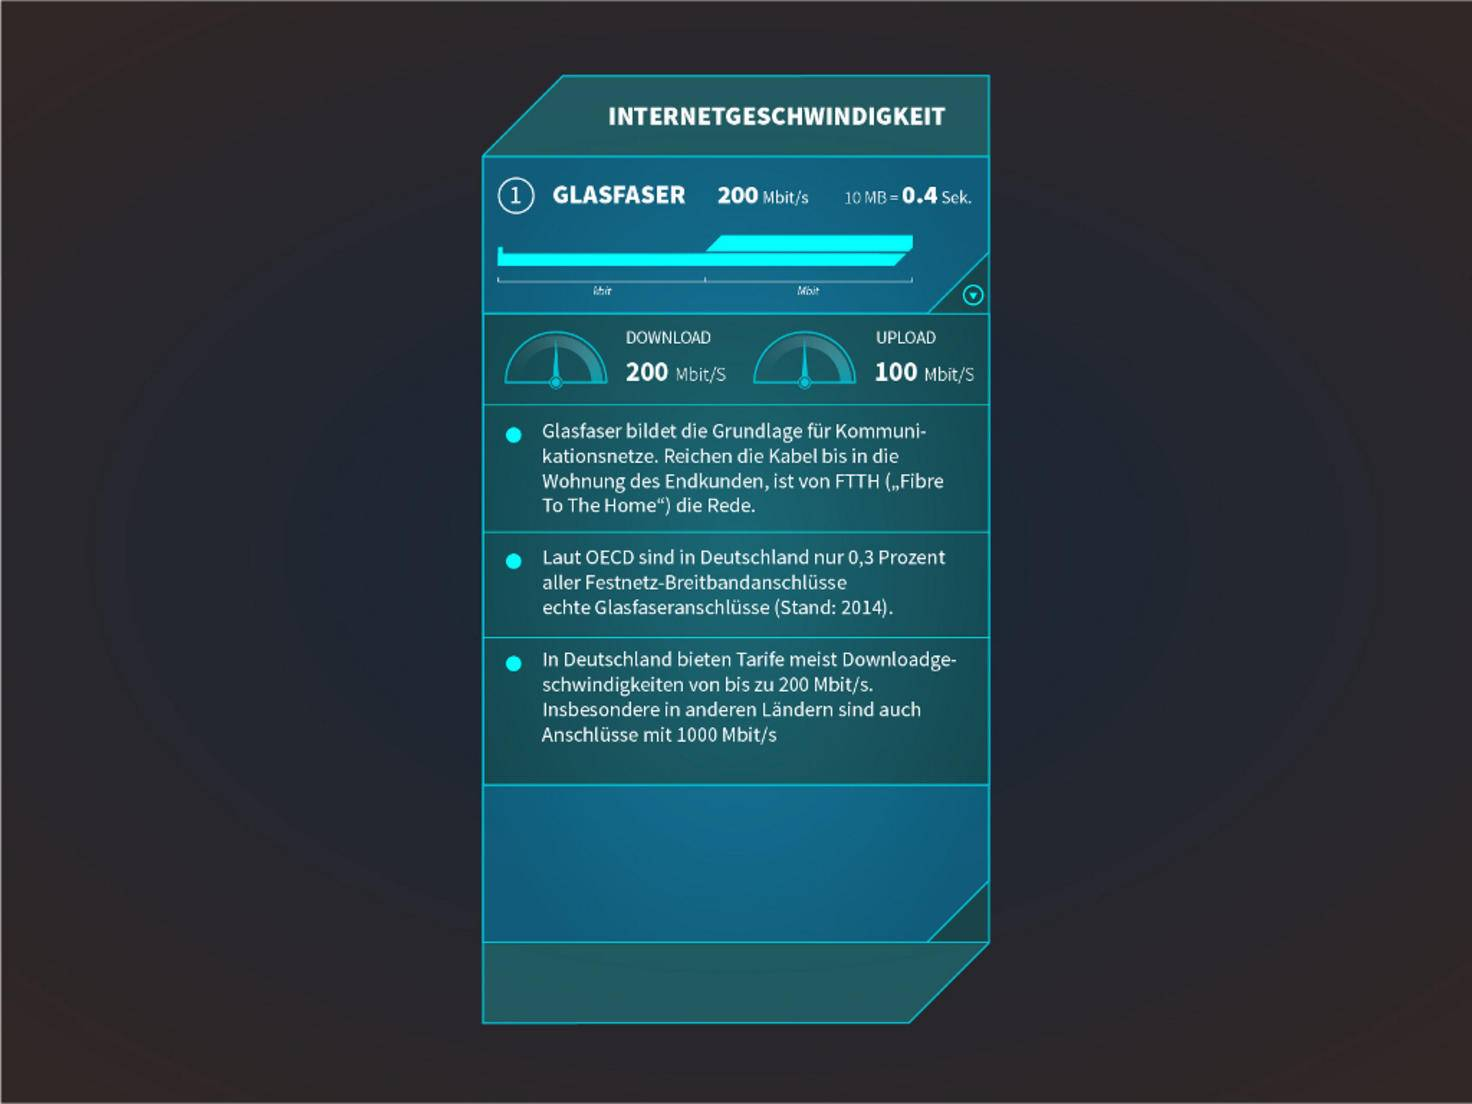 Infografik: Internetgeschwindigkeiten